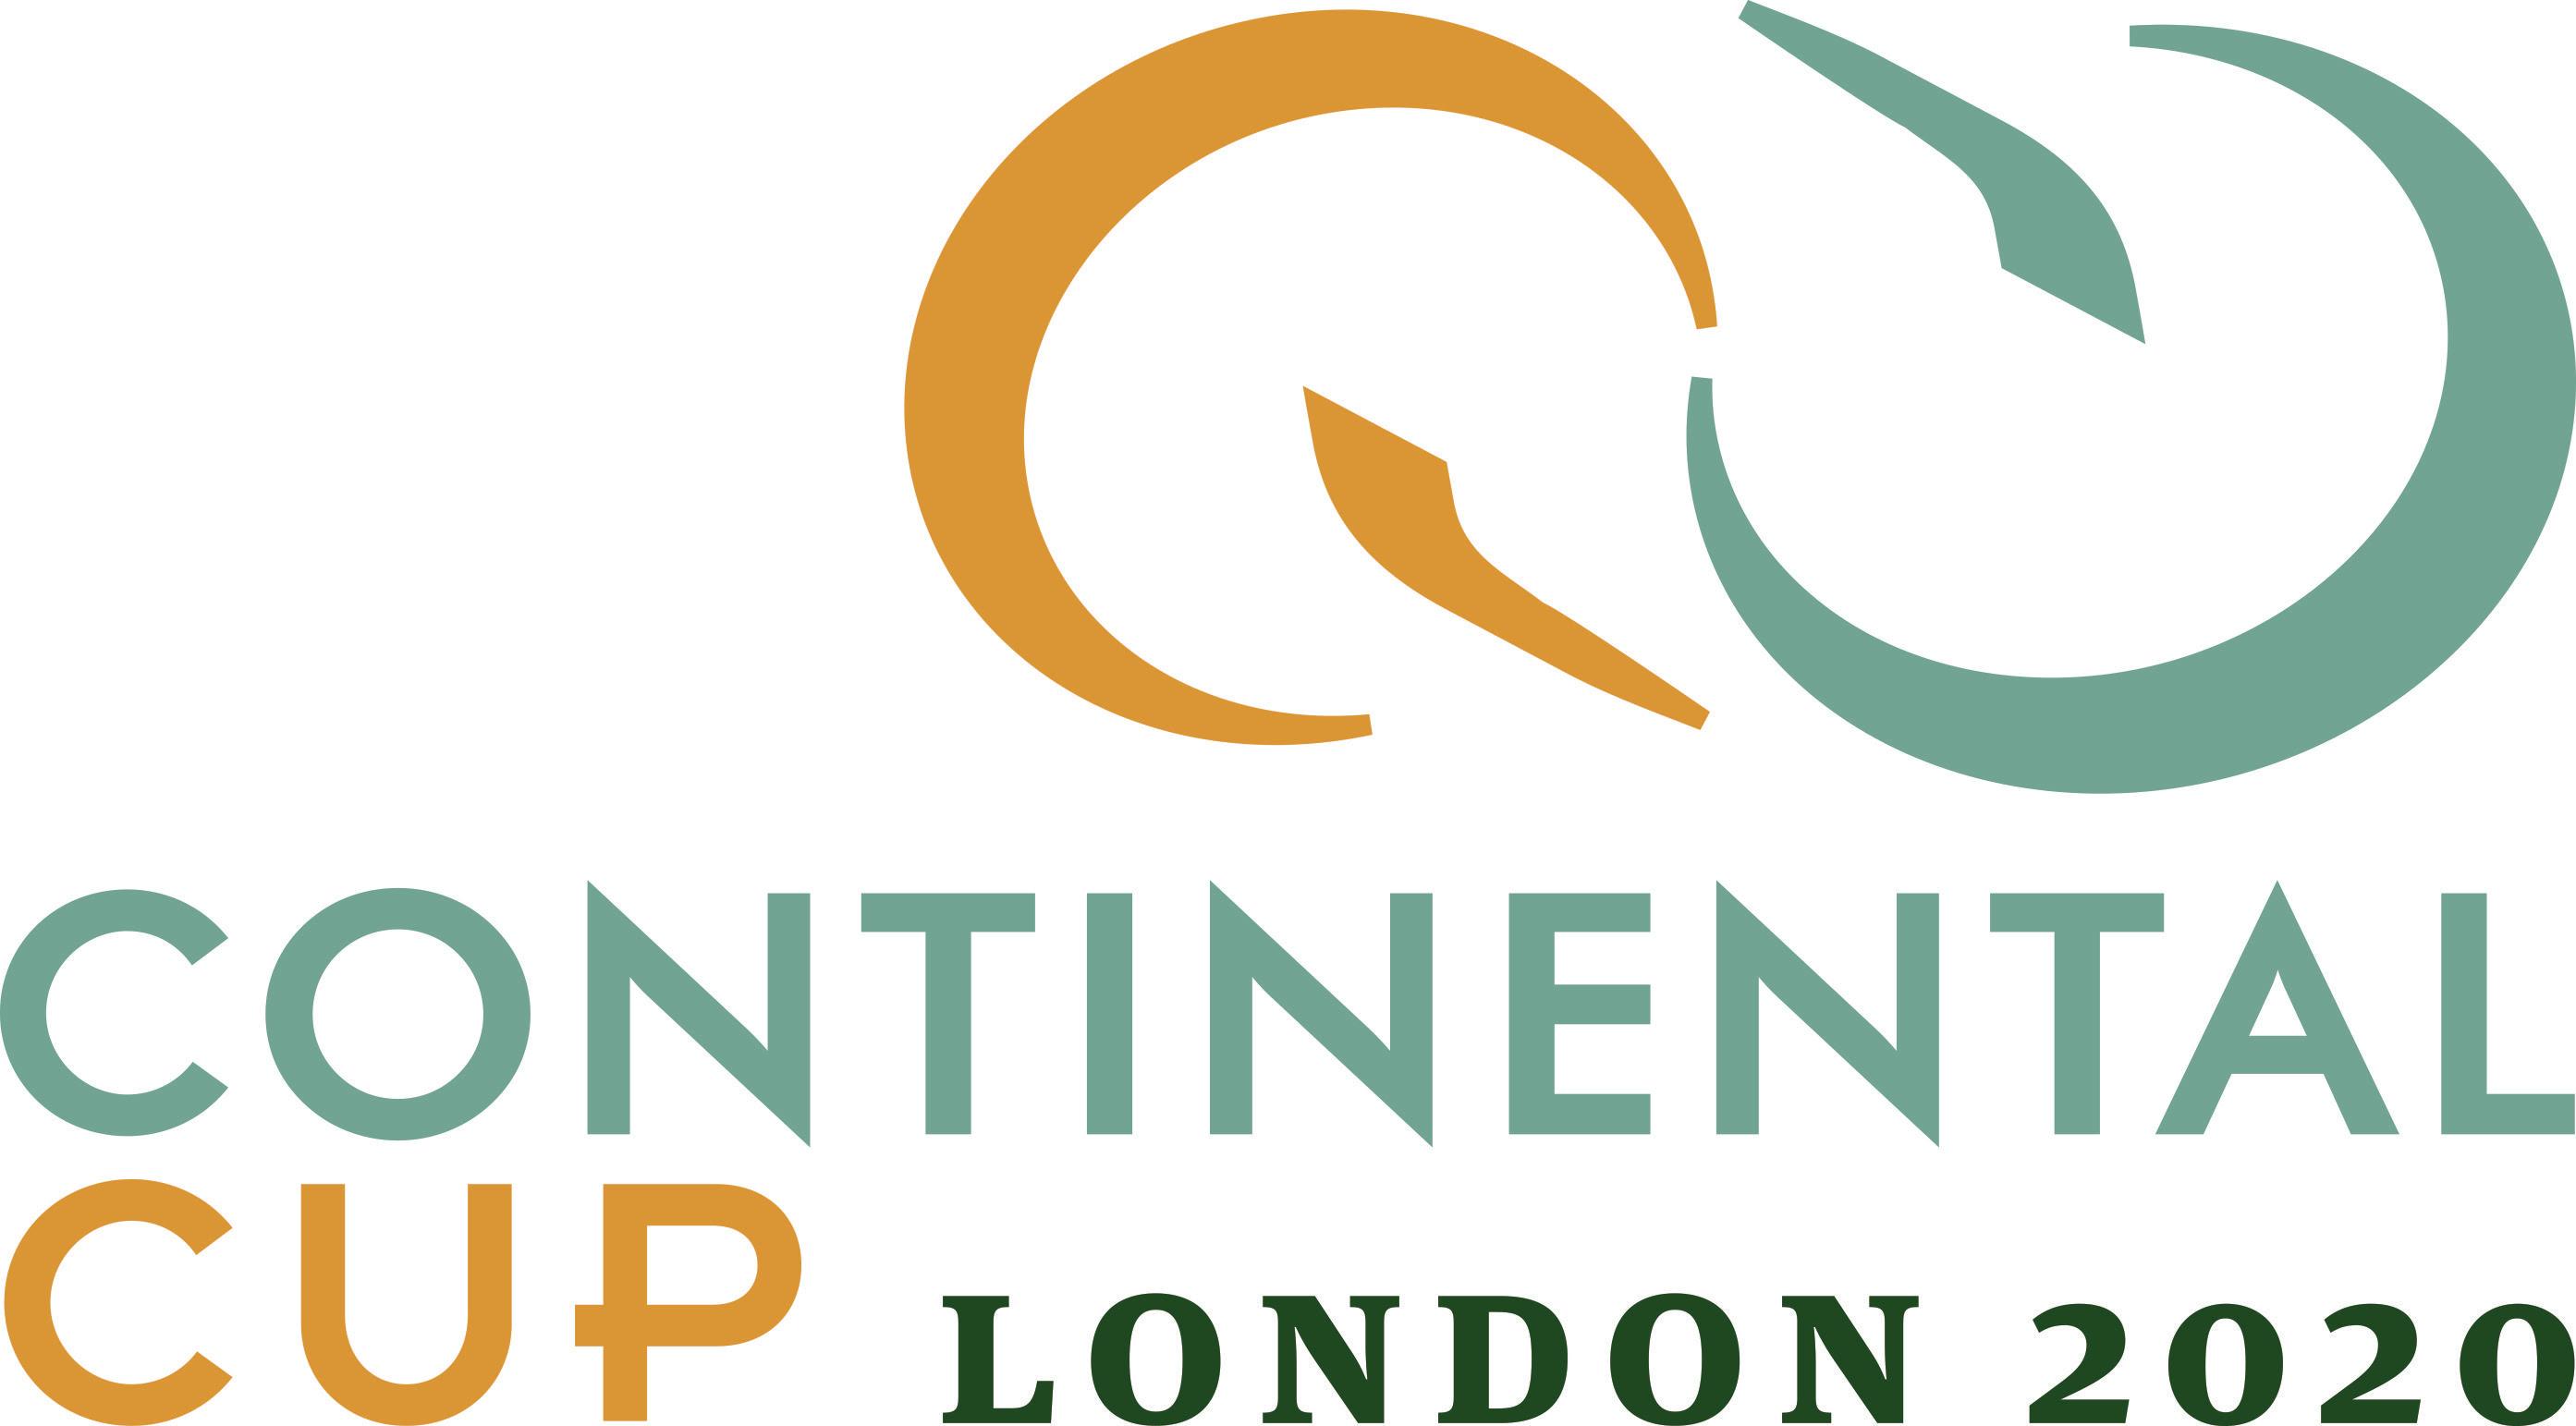 Continental Cup 2020 - L'Europe contre l'Amérique du Nord